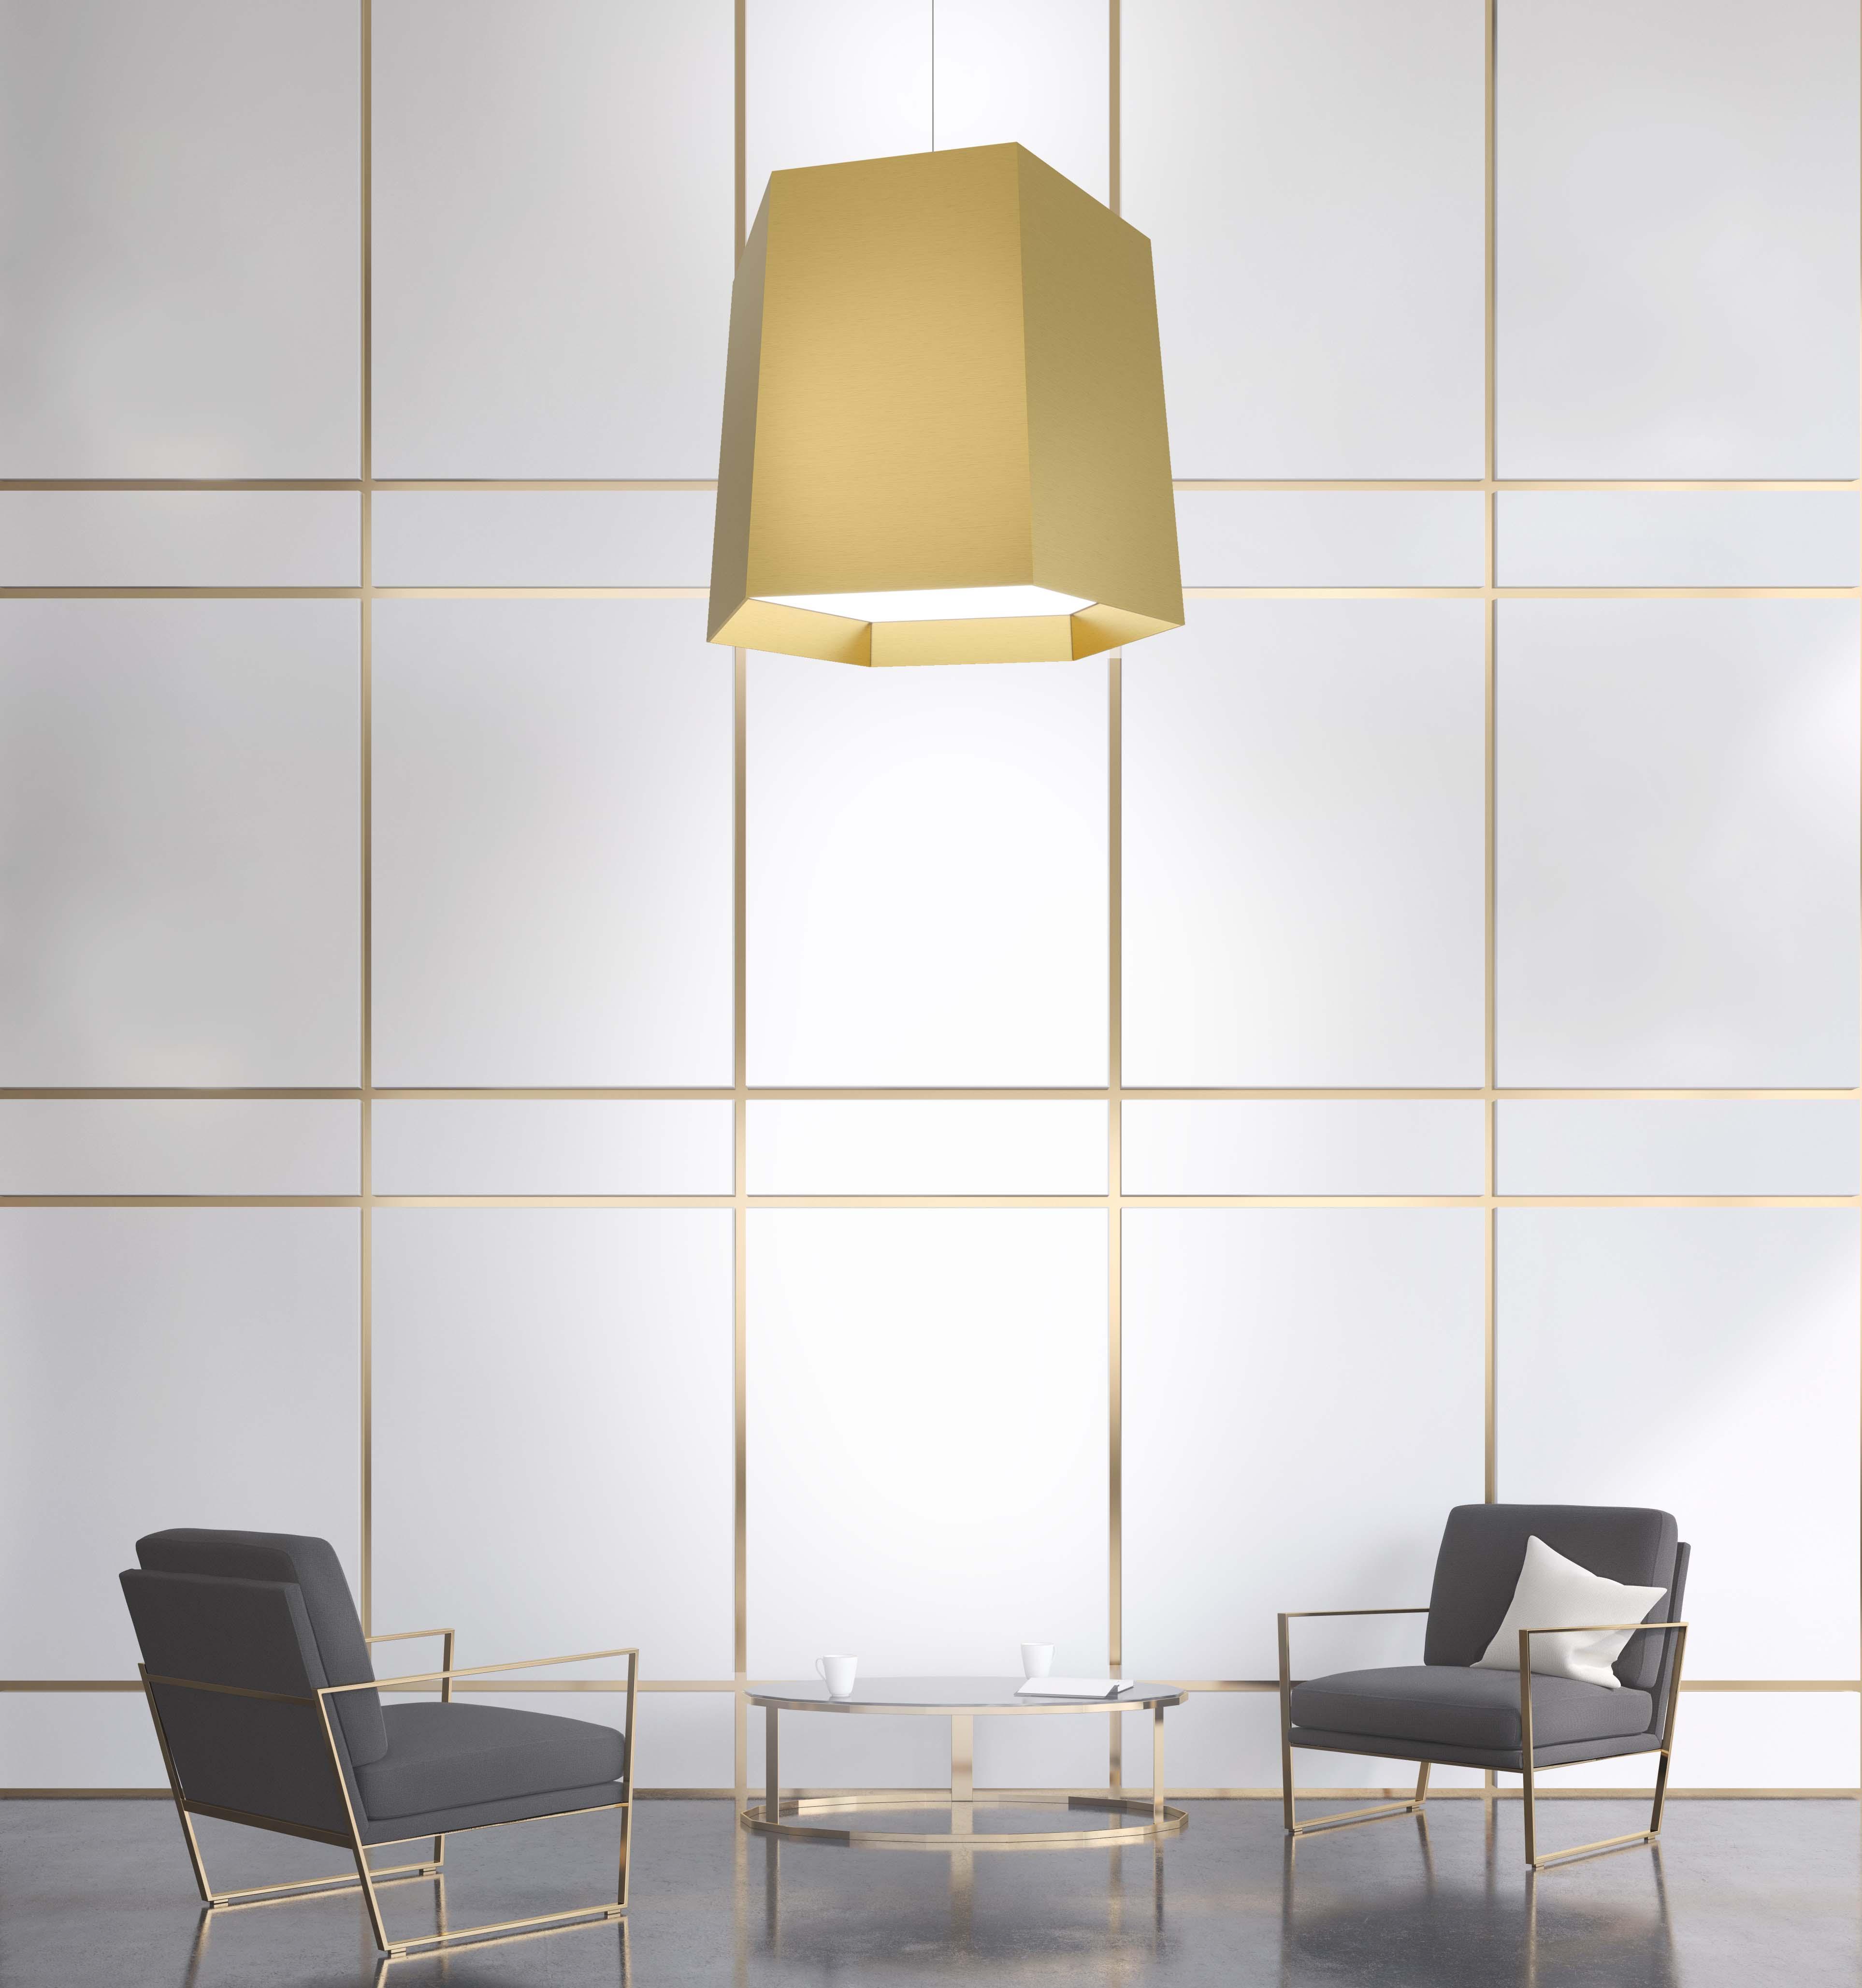 Large pendant lighting for high ceilings by Visa Lighting